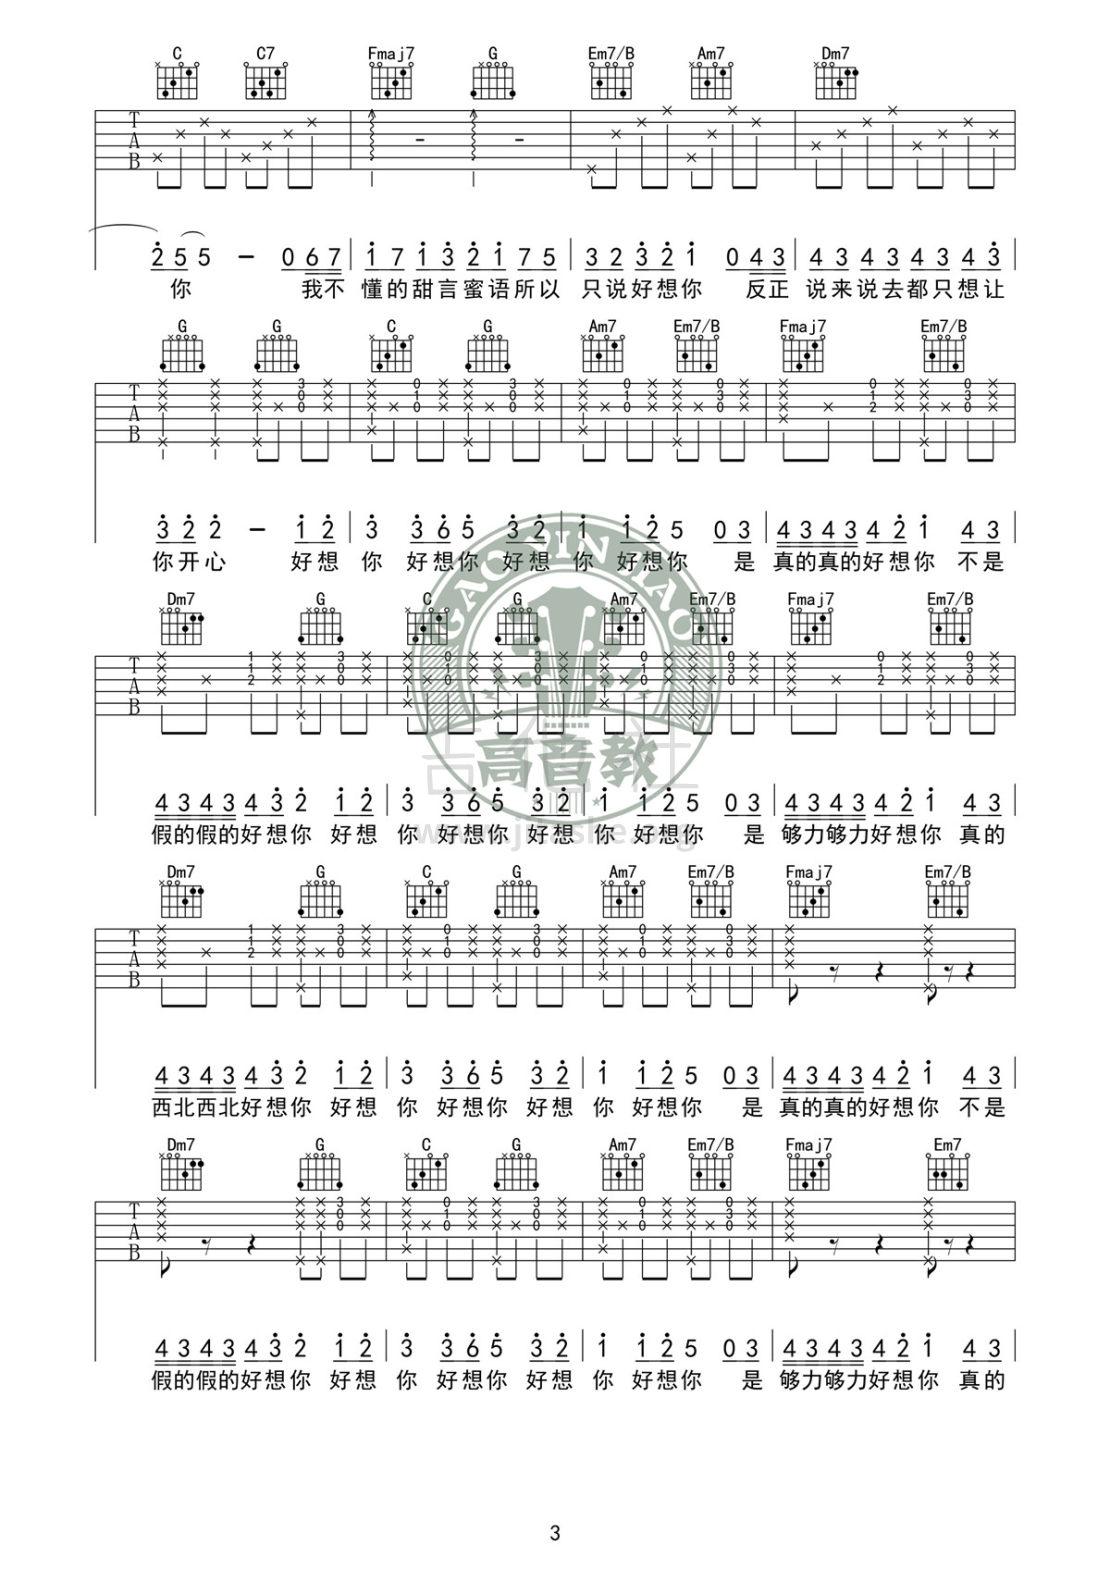 好想你(C调标准版吉他谱高清版 高音教编配)吉他谱(图片谱,弹唱,C调)_朱主爱(Joyce Chu / 四叶草 / 四葉草)_吉他谱《好想你》C调标准版03.jpg